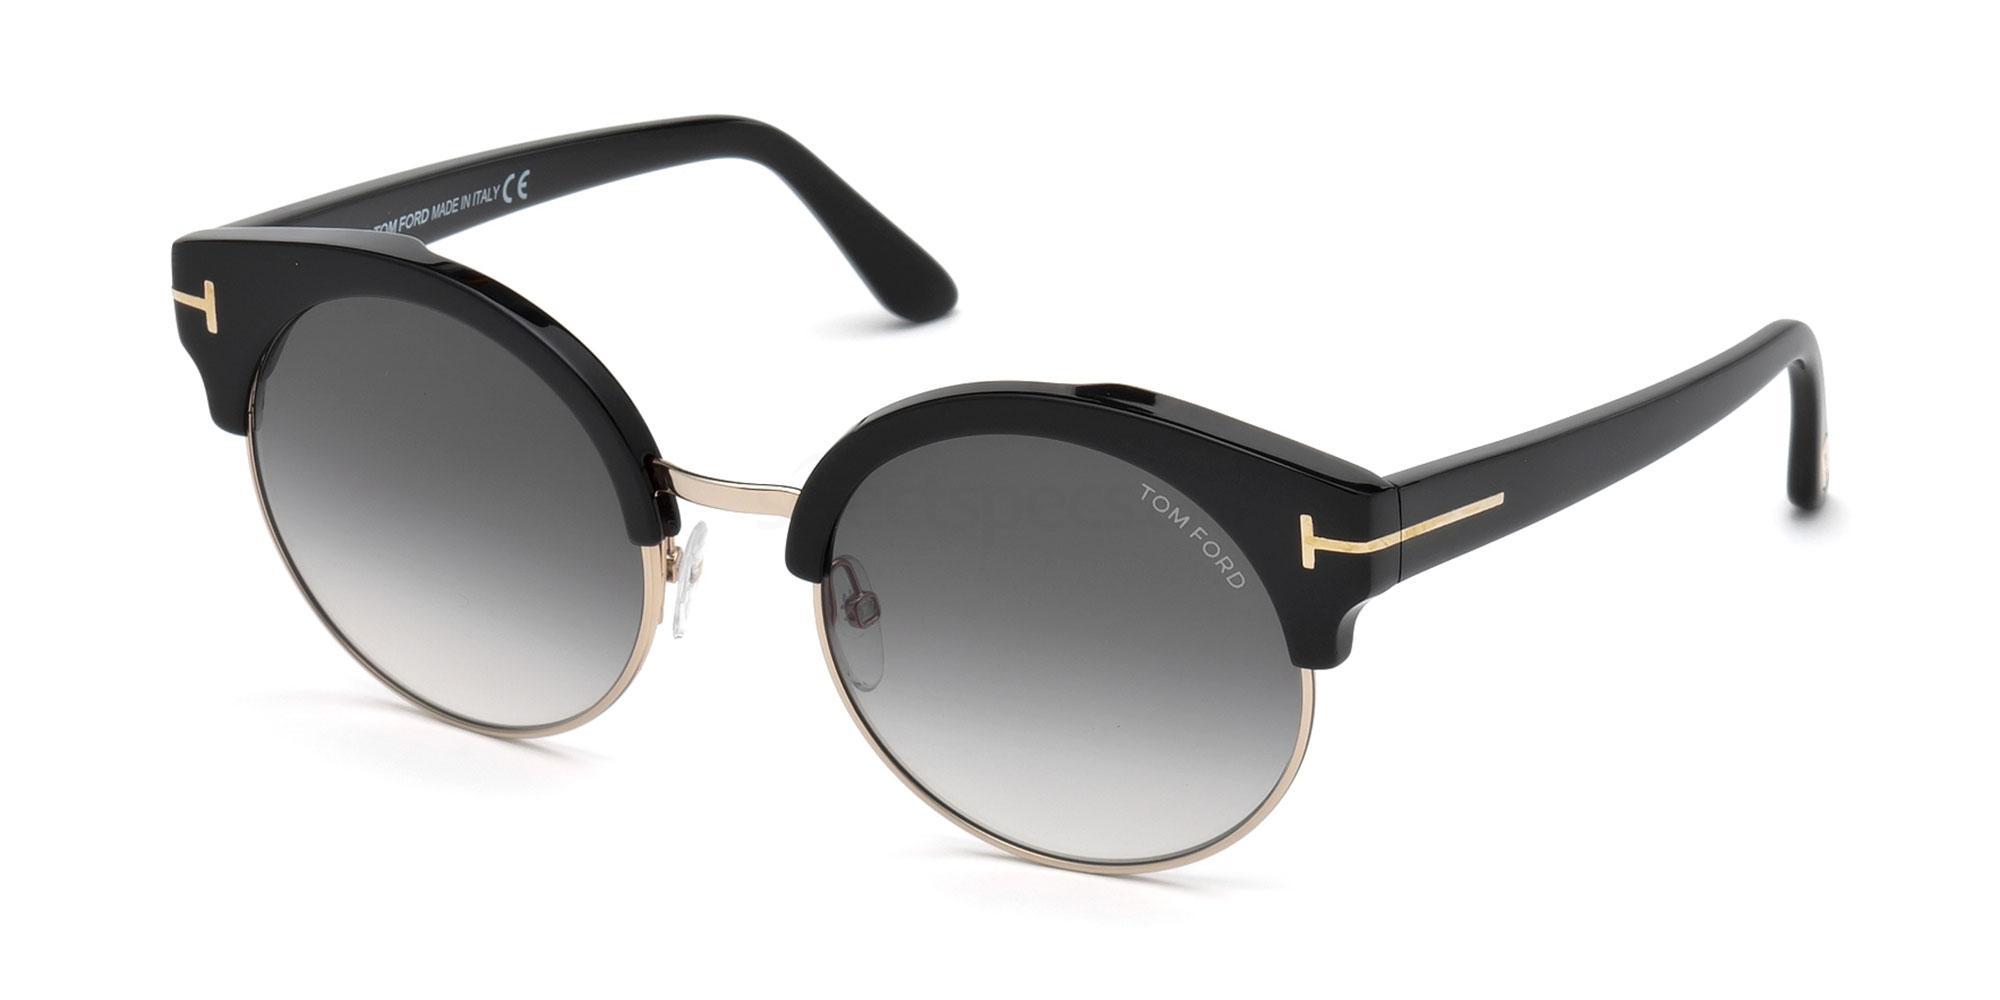 01B FT0608 Sunglasses, Tom Ford